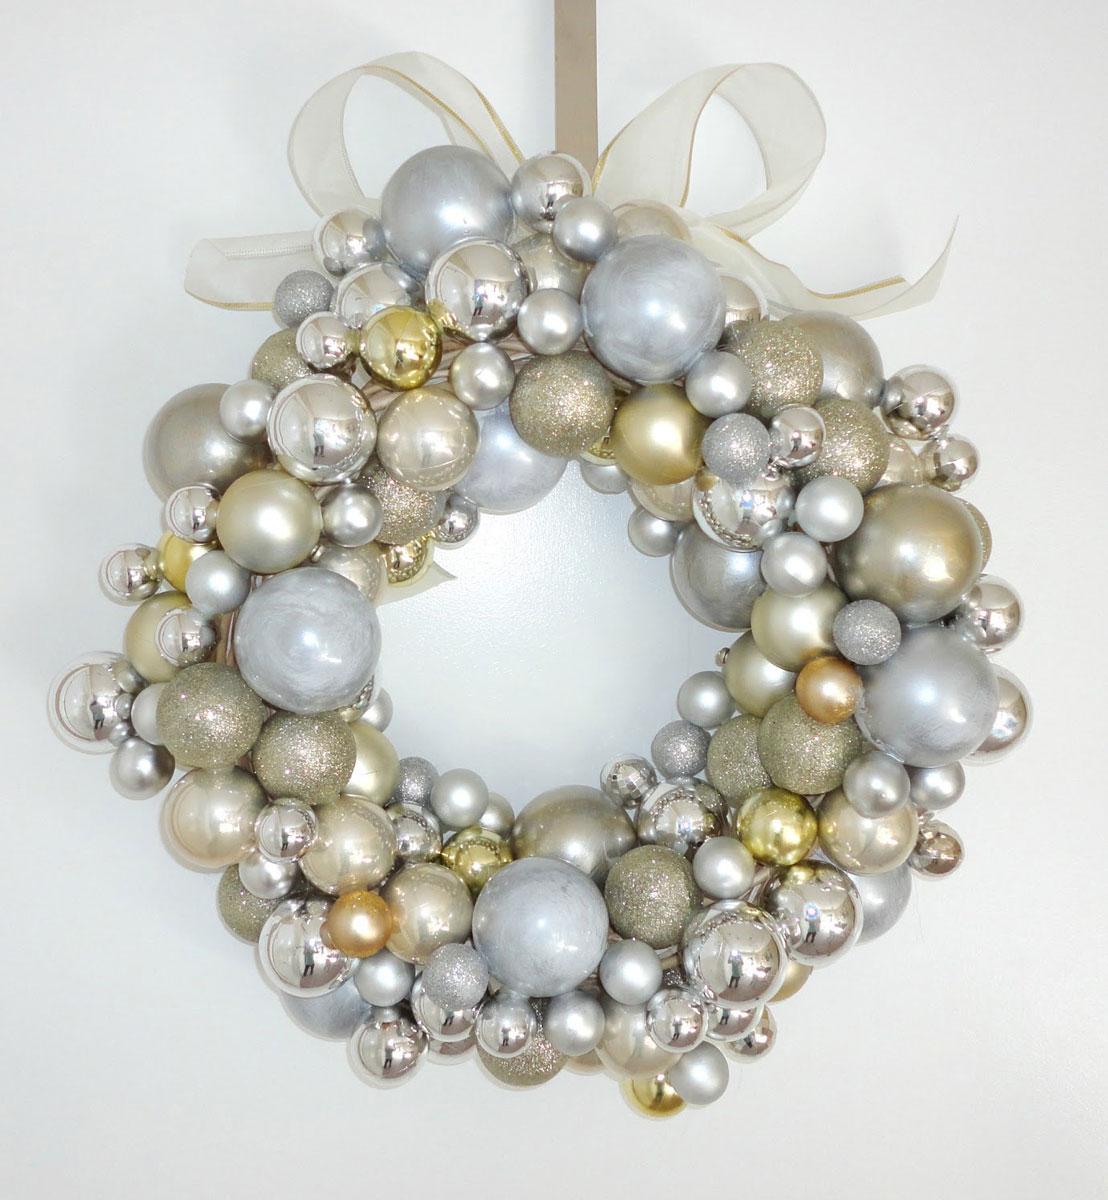 Okrągła srebrno-złota świąteczna ozdoba z koralików i bombek. Do zawieszenia na oknie lub drzwiach.